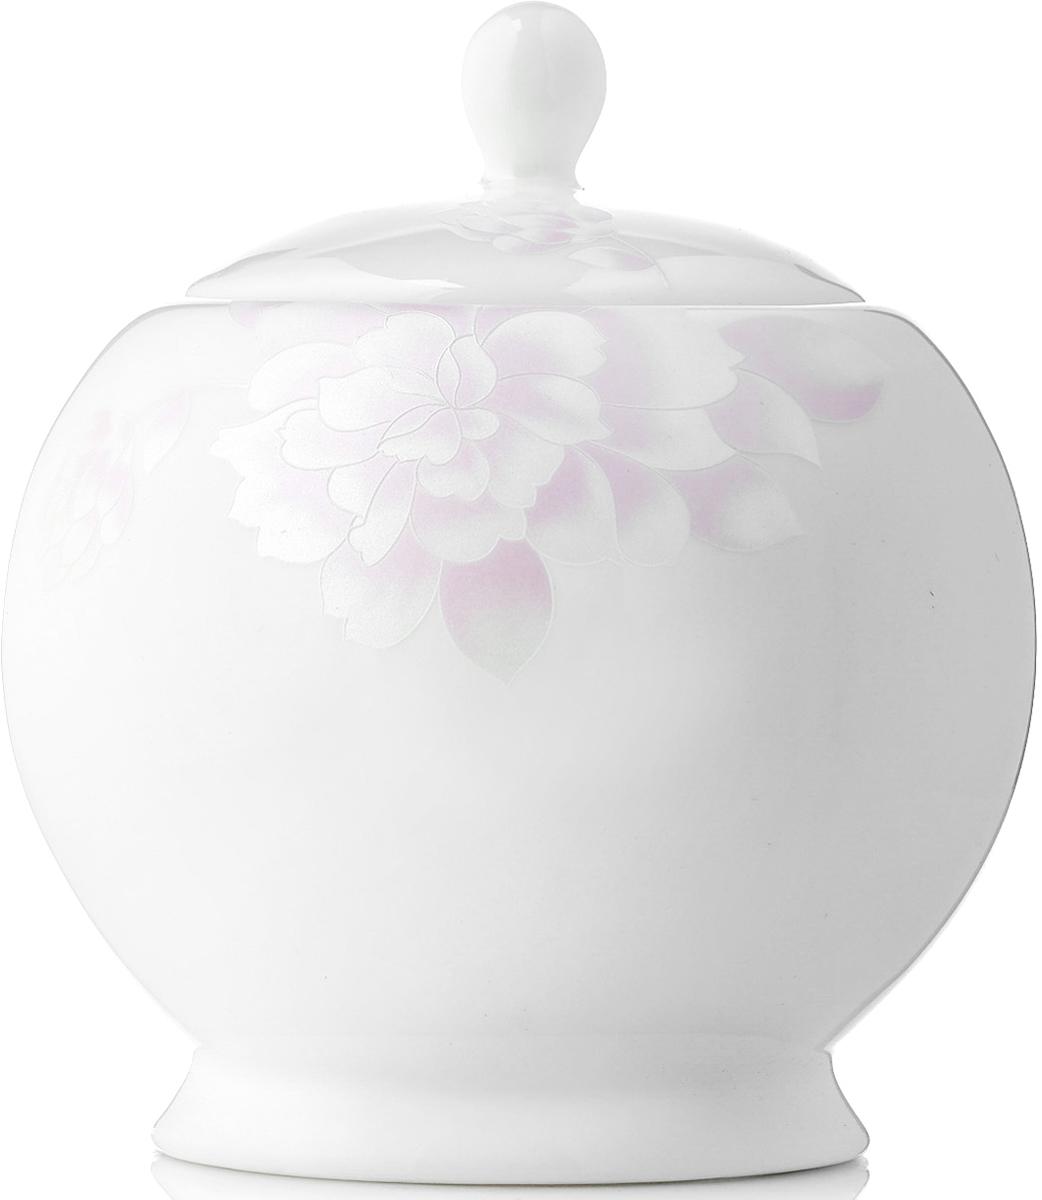 Сахарница Esprado Peonies, 500 млPEOL50PE307Сахарница Peonies изготовлена из костяного фарфора. Перламутровая деколь придает коллекции шарм и очарование, делая её воплощением женственности, утонченного вкуса и благородства. Благодаря увеличенному объему (500 мл) сахарница стала более практичной, особенно среди любителей сахара-рафинада. Сахарница новой классической формы станет прекрасным дополнением к сервировке, а также составит единую чайную композицию с заварочным чайником круглой формы.Изделия коллекции из костяного фарфора Peonies обладают высокой прозрачностью, повышенной прочностью и устойчивостью к истиранию: царапины от ножа и сеточки трещин не появятся на ней даже через несколько лет. Сахарница коллекции Peonies прекрасно подойдет как для торжественных случаев, так и для повседневного использования. Изделия из коллекции Peonies можно использовать в микроволновой печи, мыть в посудомоечной машине.